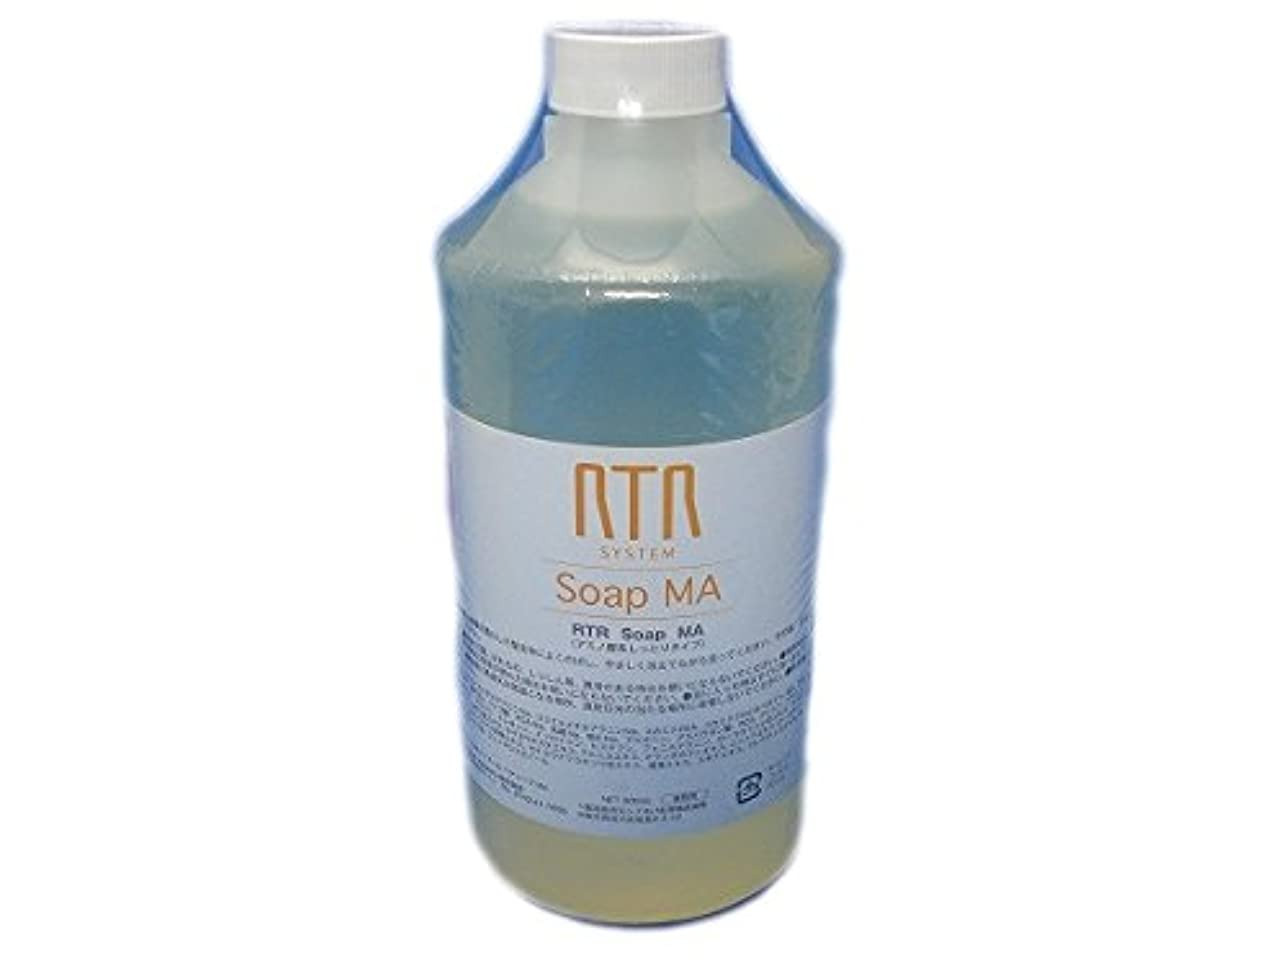 ルート健康的シェアRTR ソープ MA 800ml  カラーヘアなど傷みのある髪に最適!